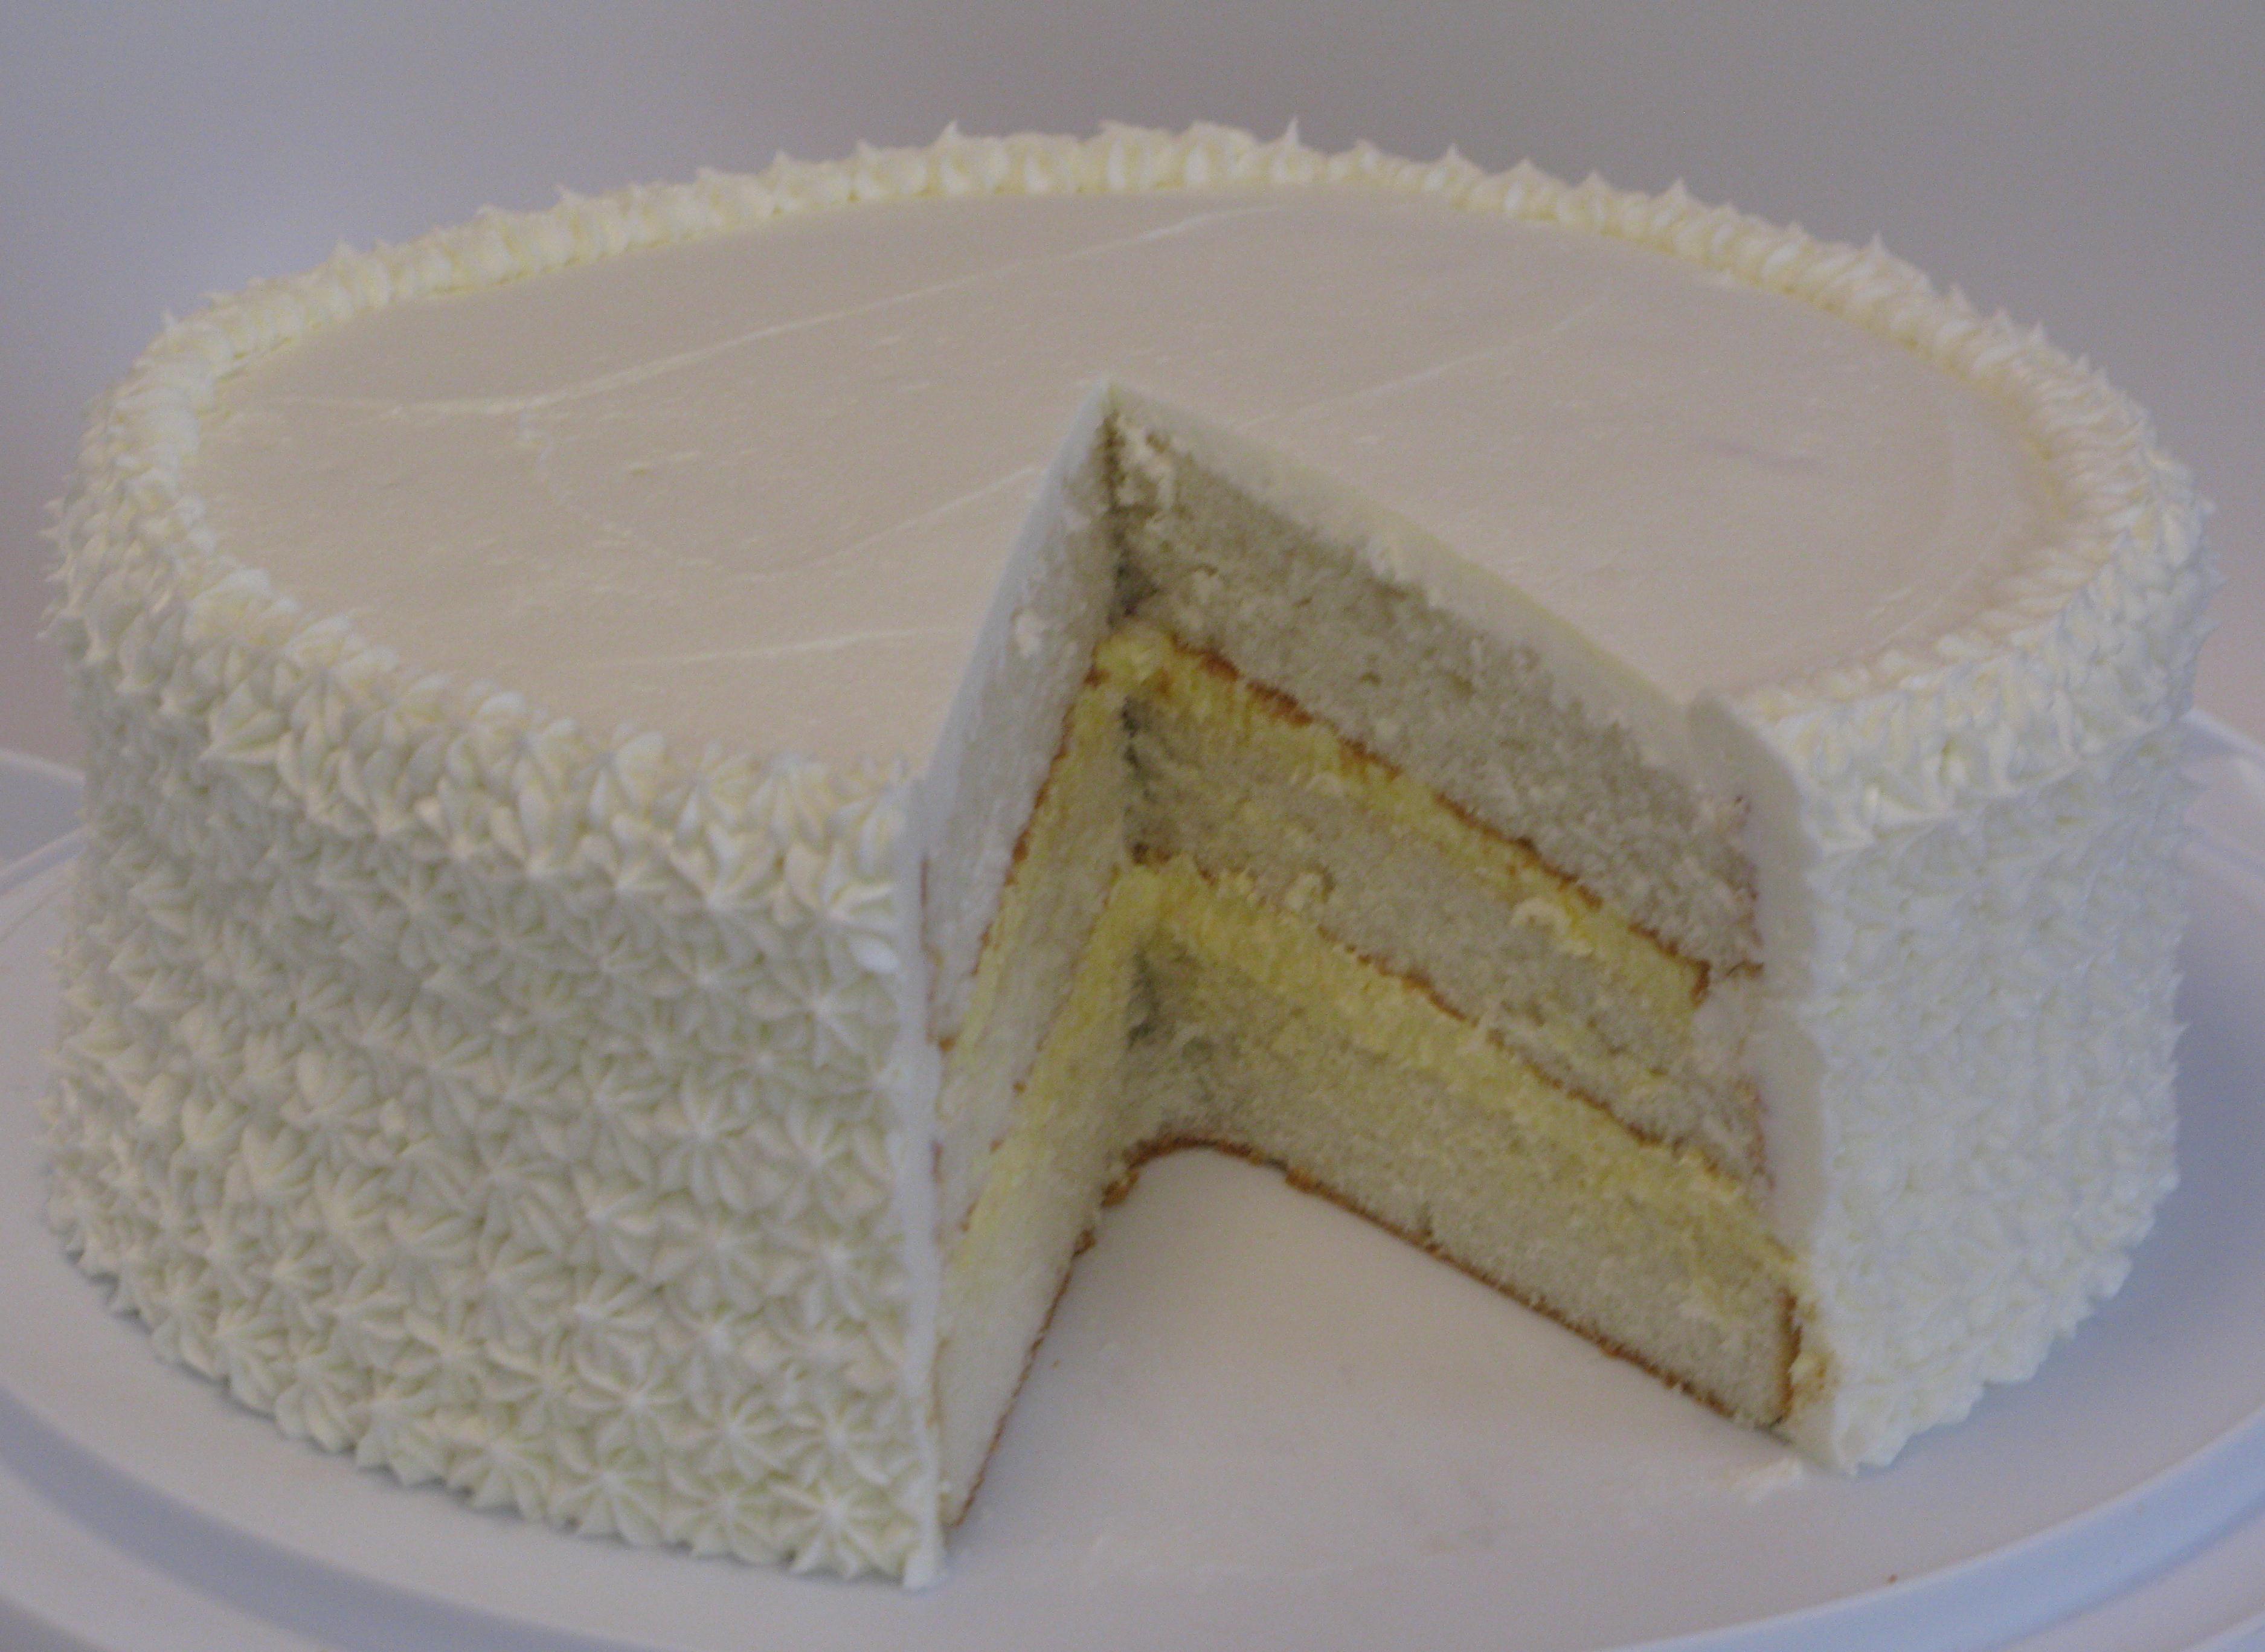 Cream Filling Chocolate Cake